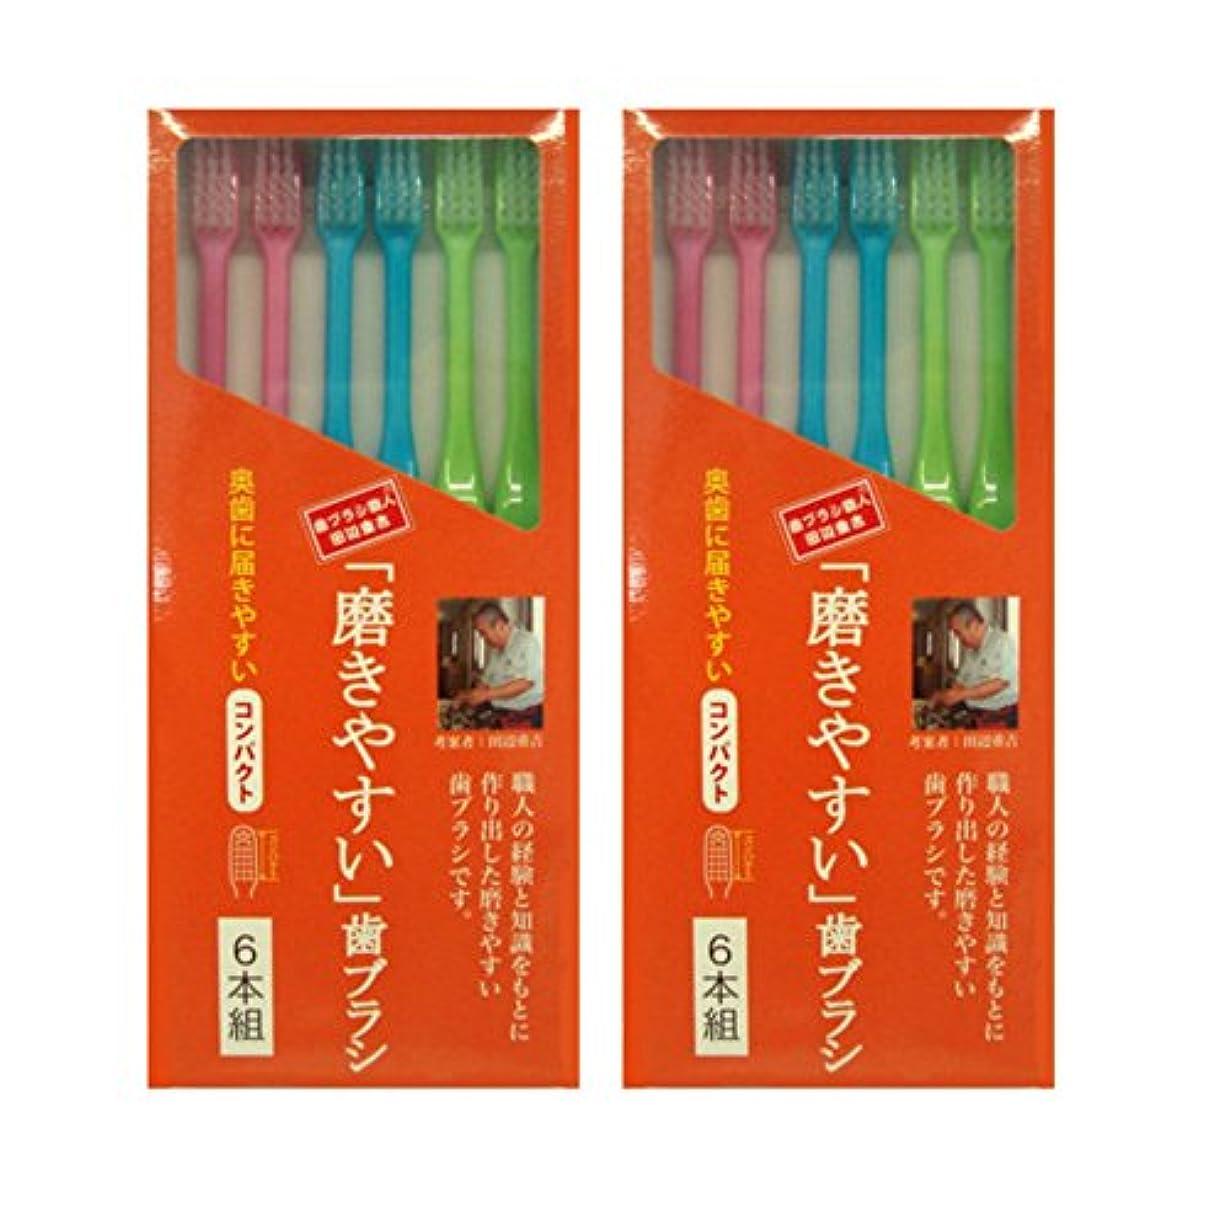 急速な滅びるどんよりした磨きやすい歯ブラシ コンパクトタイプ 6本組×2個セット (計12本)